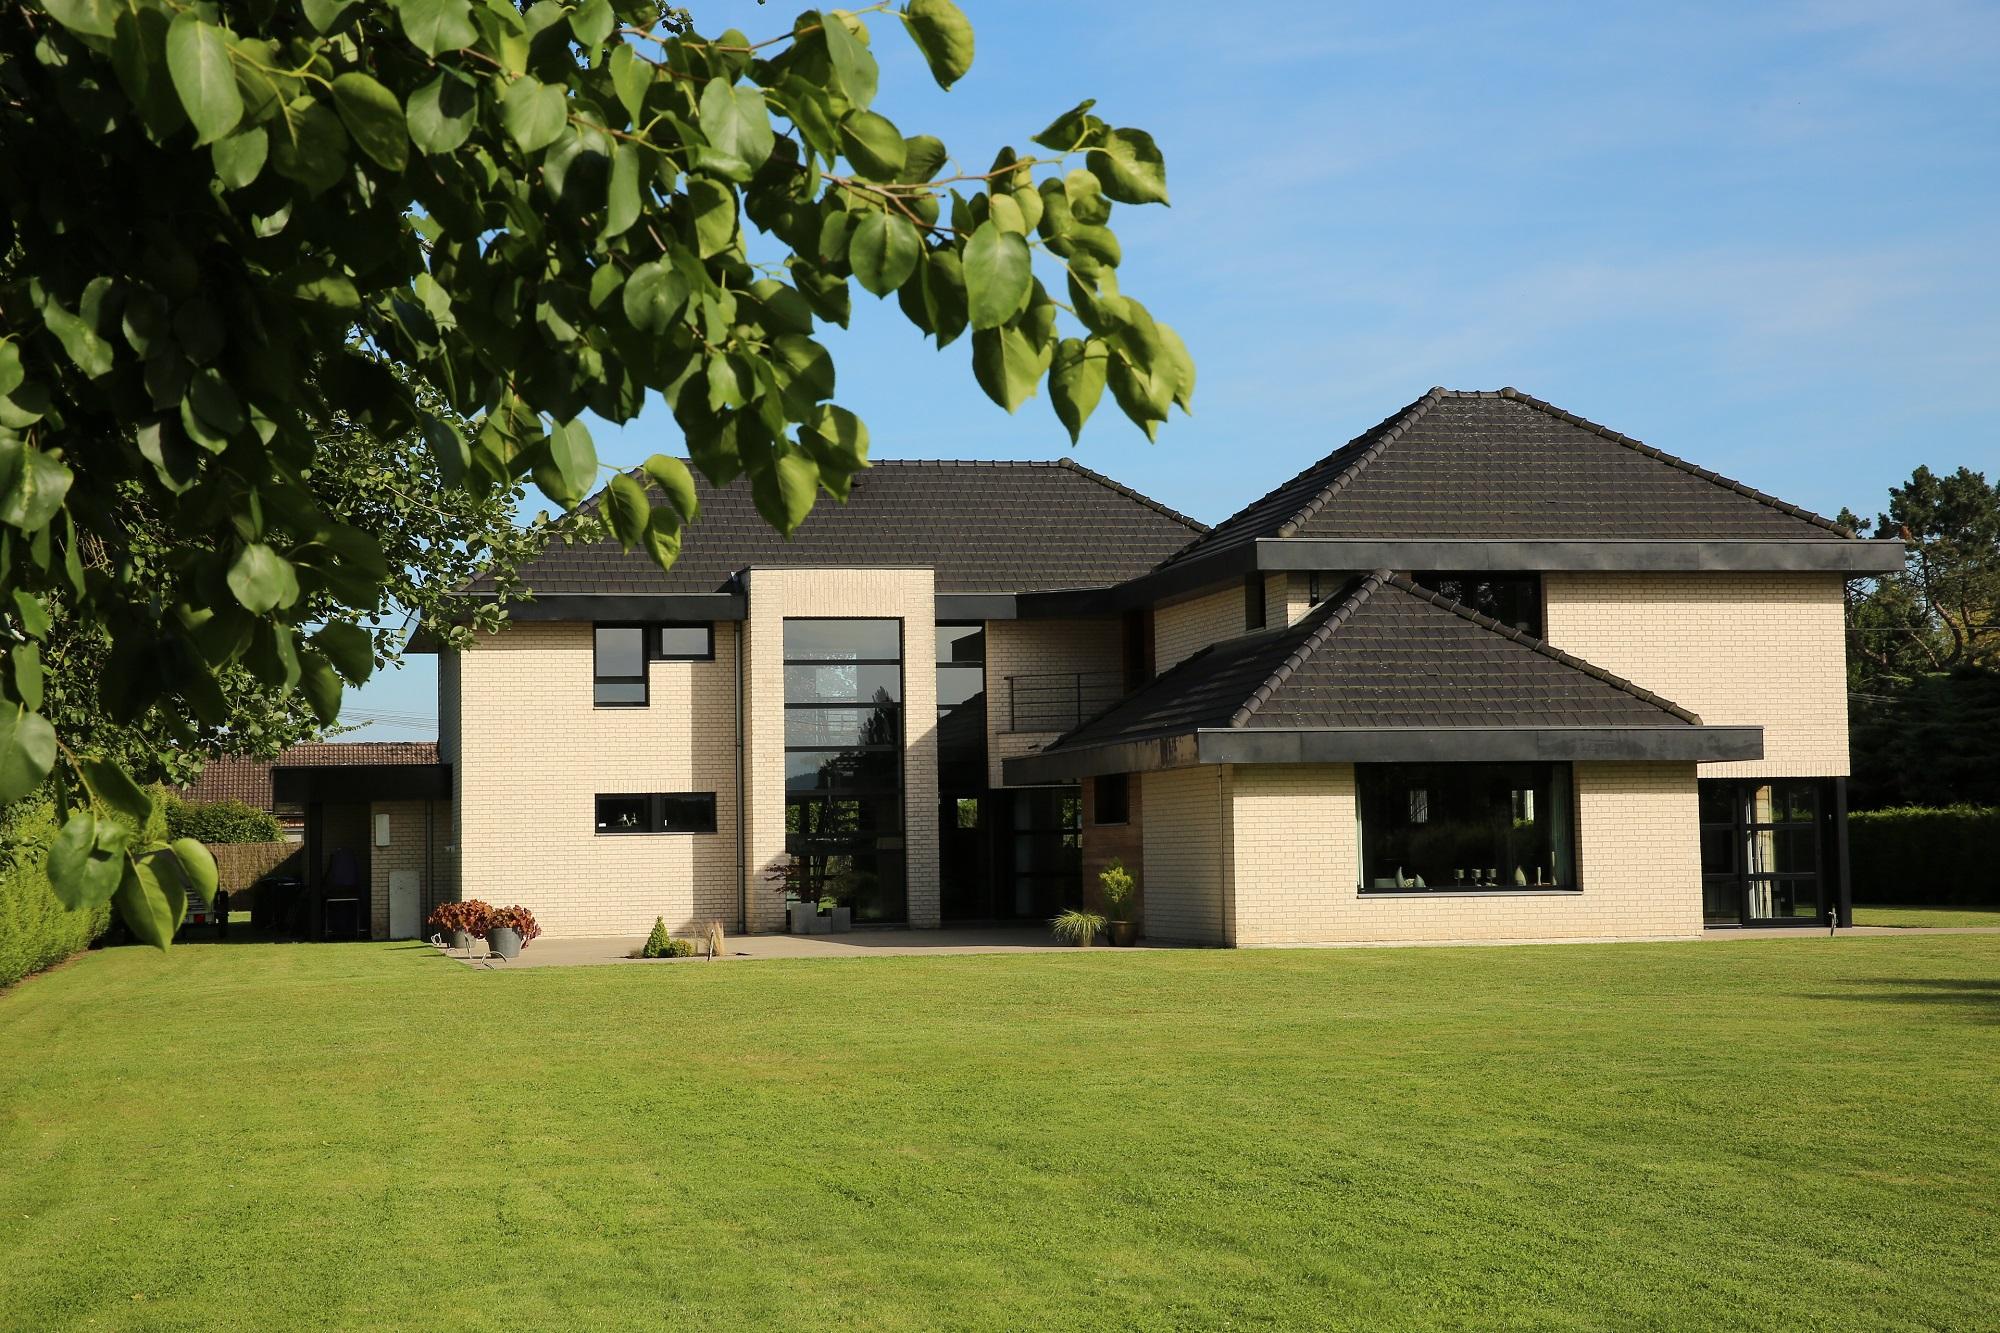 Villa contemporaine coeur pevele for Villa contemporaine